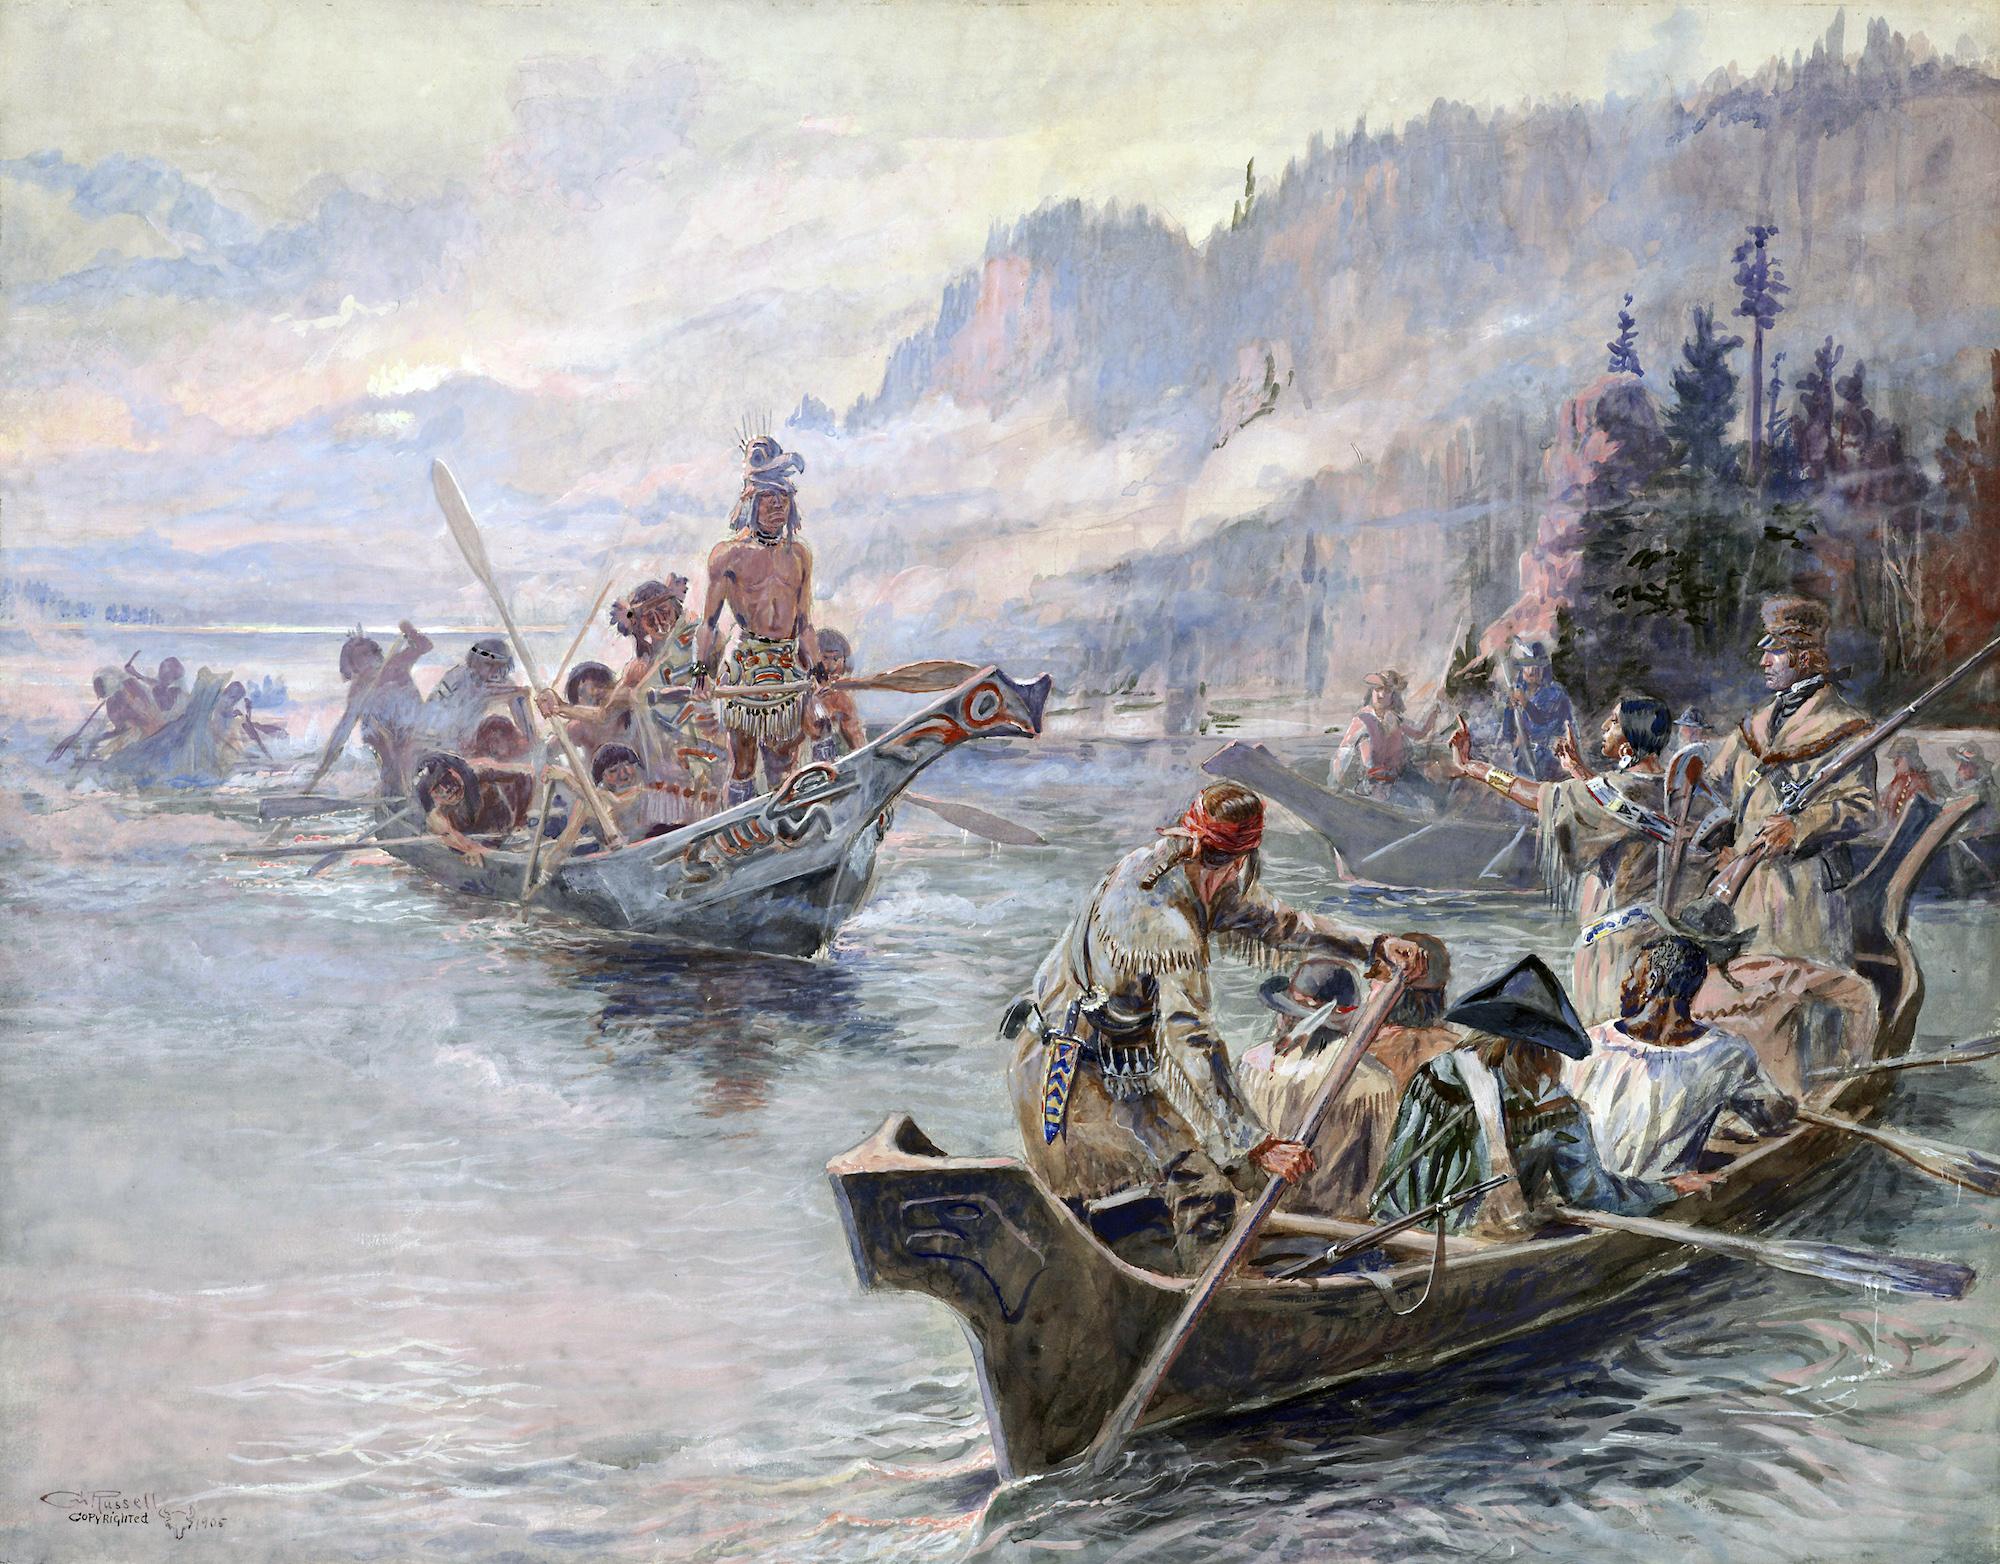 La spedizione di Lewis & Clark